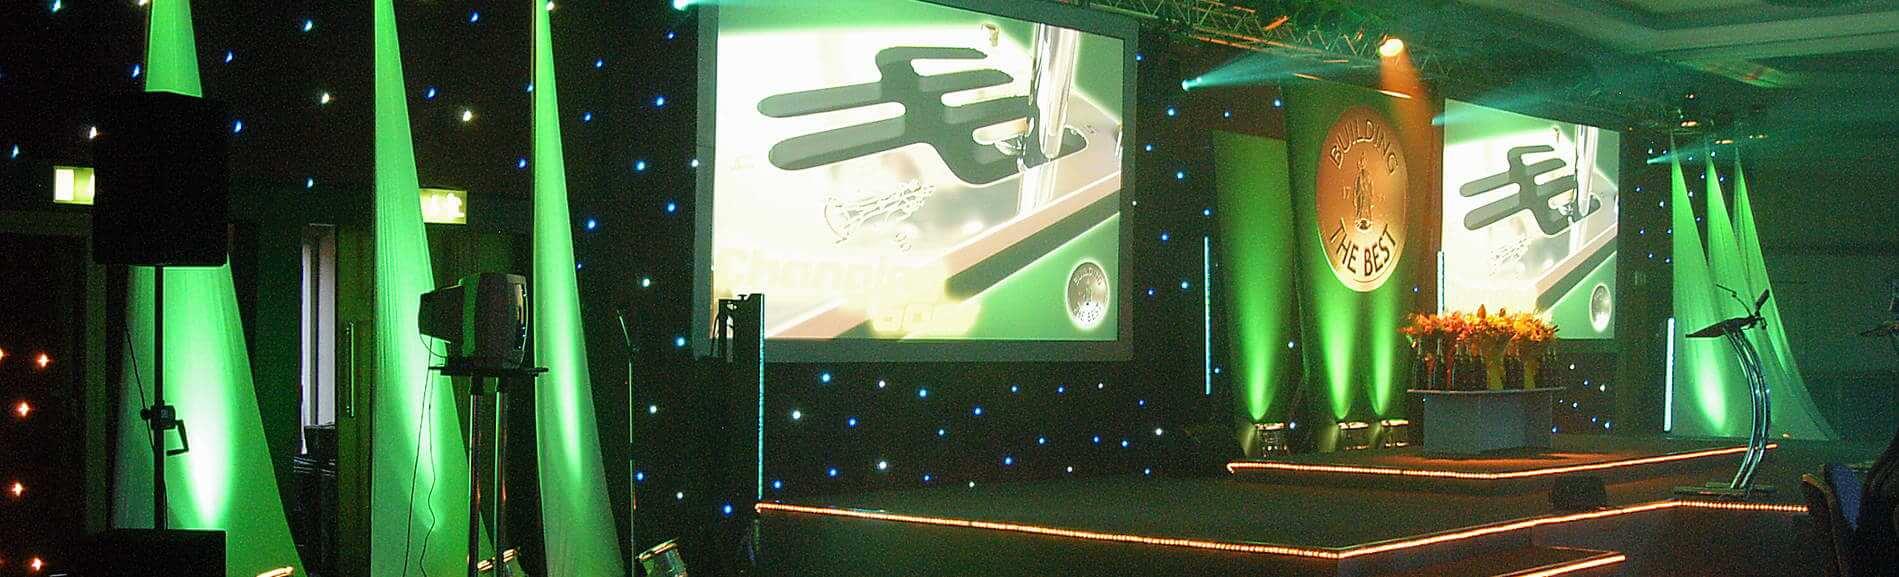 Award Presentation at a Conference